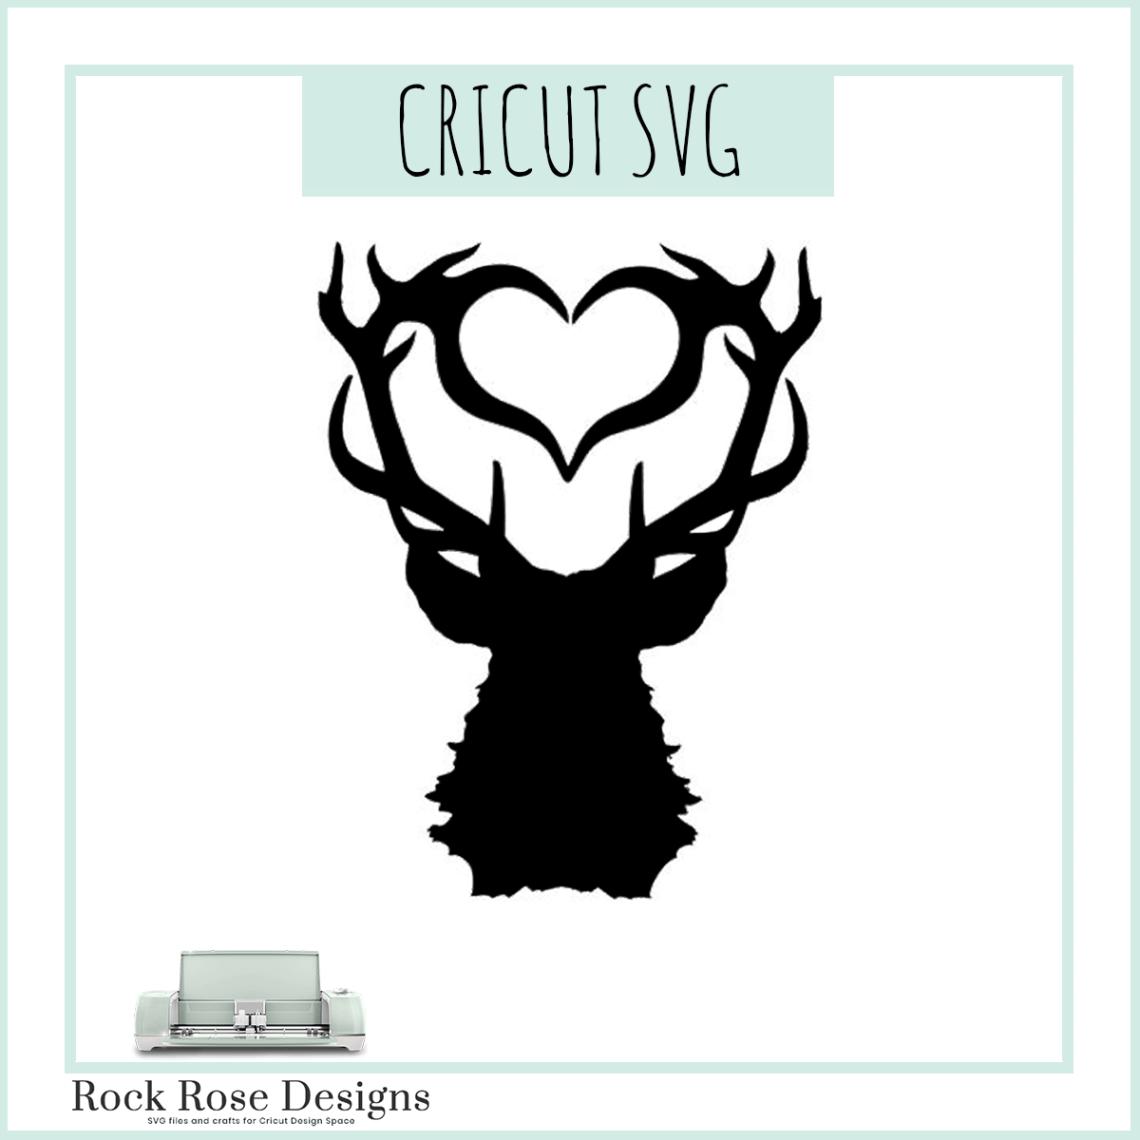 Download Love Stag - SVG CUT FILE Rock Rose Designs - Rock Rose Designs